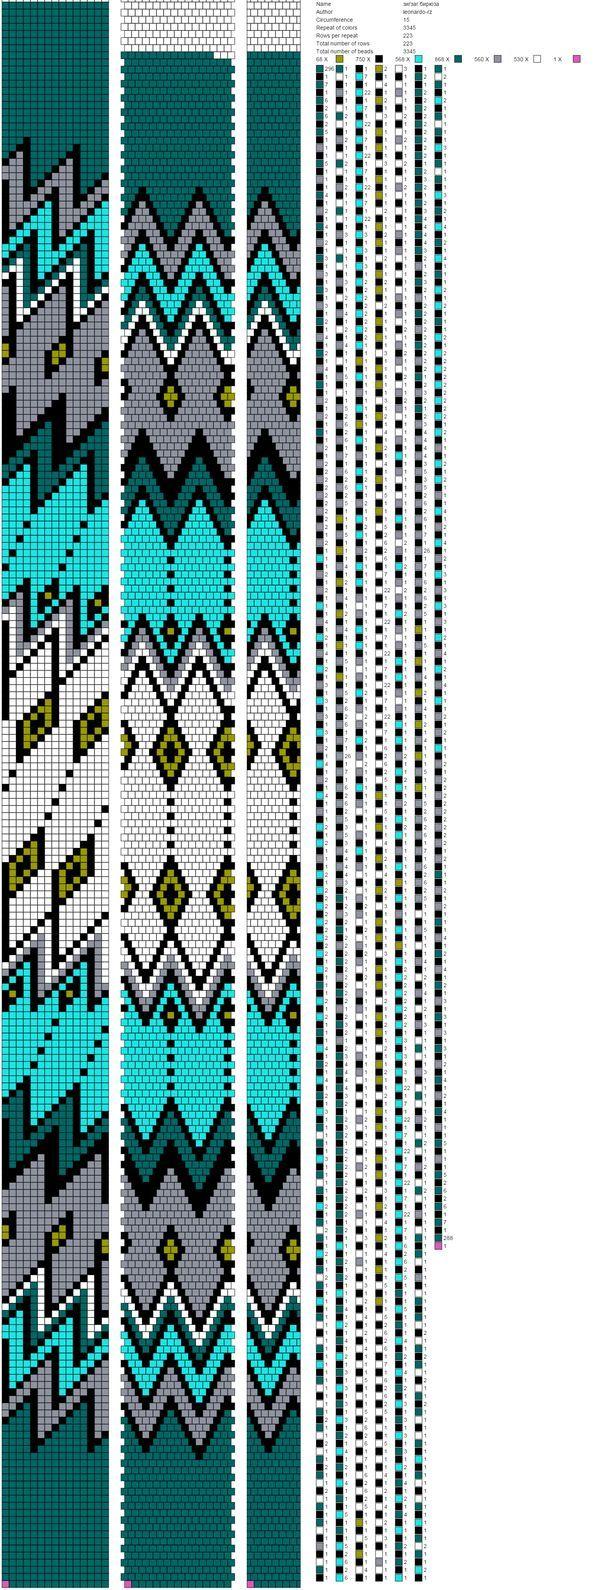 16f00eb68a4288b44f28310ee4f84b1b.jpg 600×1,590 pixels